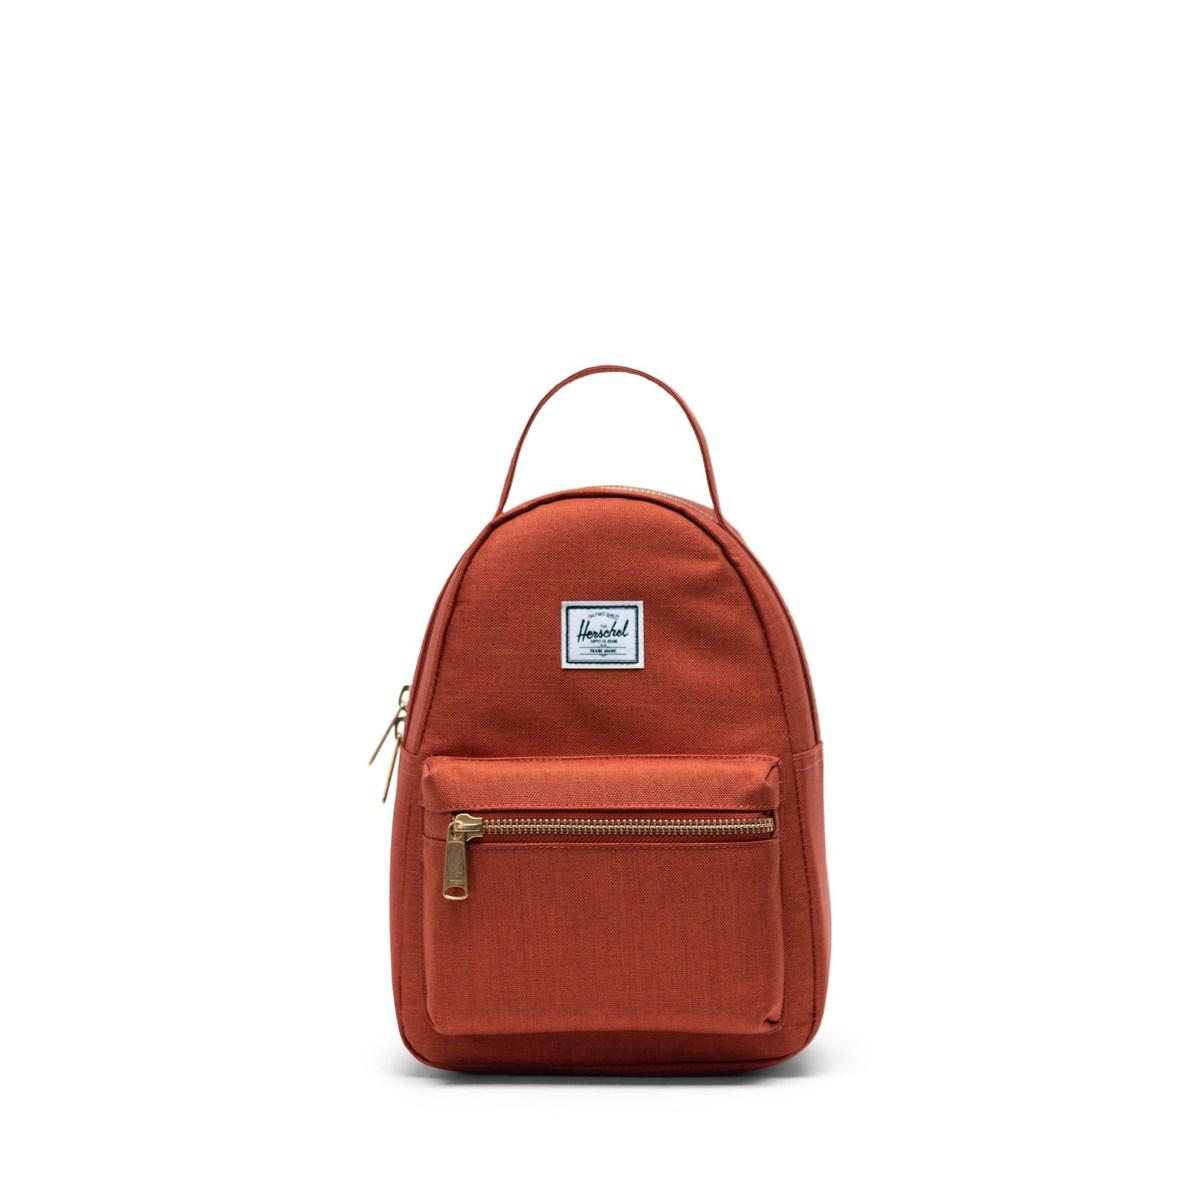 Nova Mini Backpack in Dark Orange